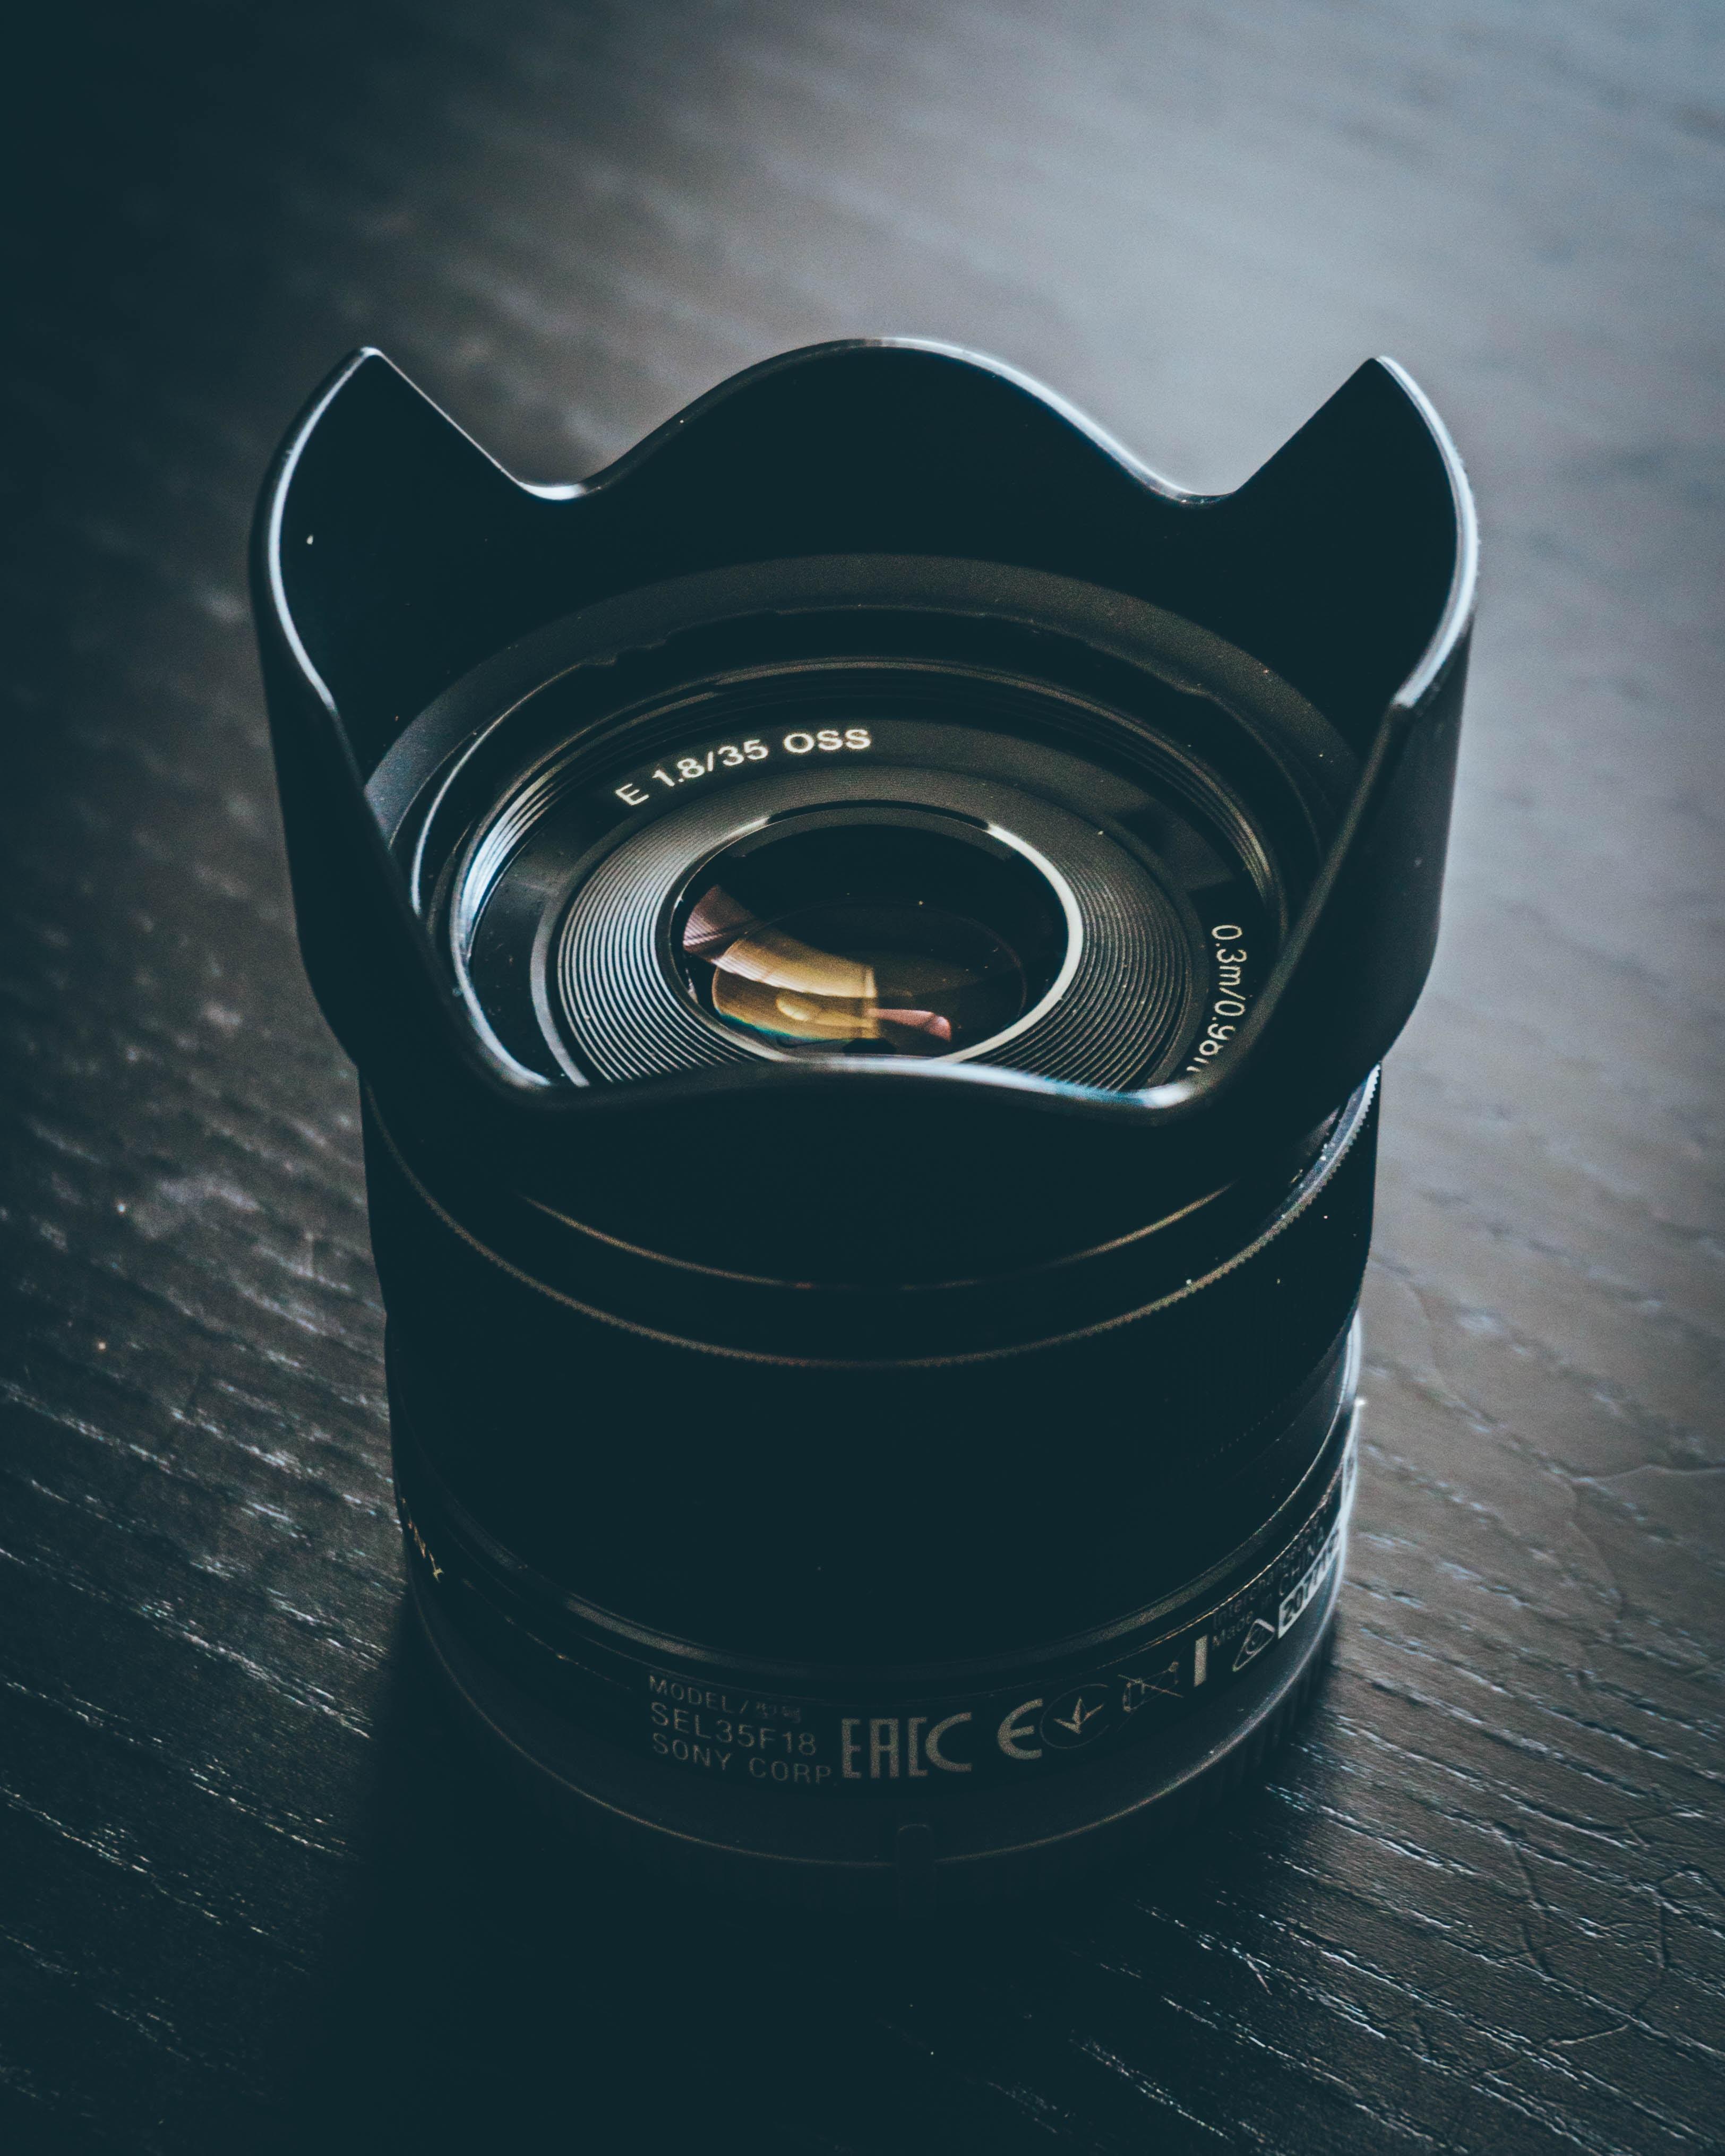 black stabilizer camera lens